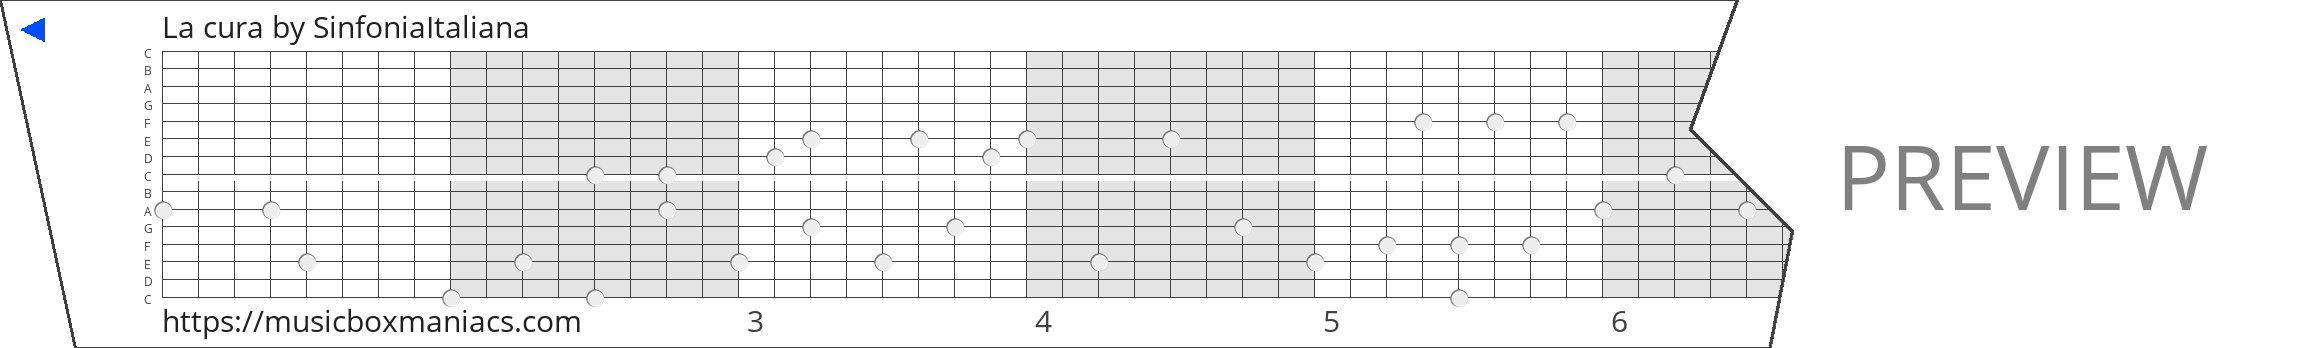 La cura 15 note music box paper strip